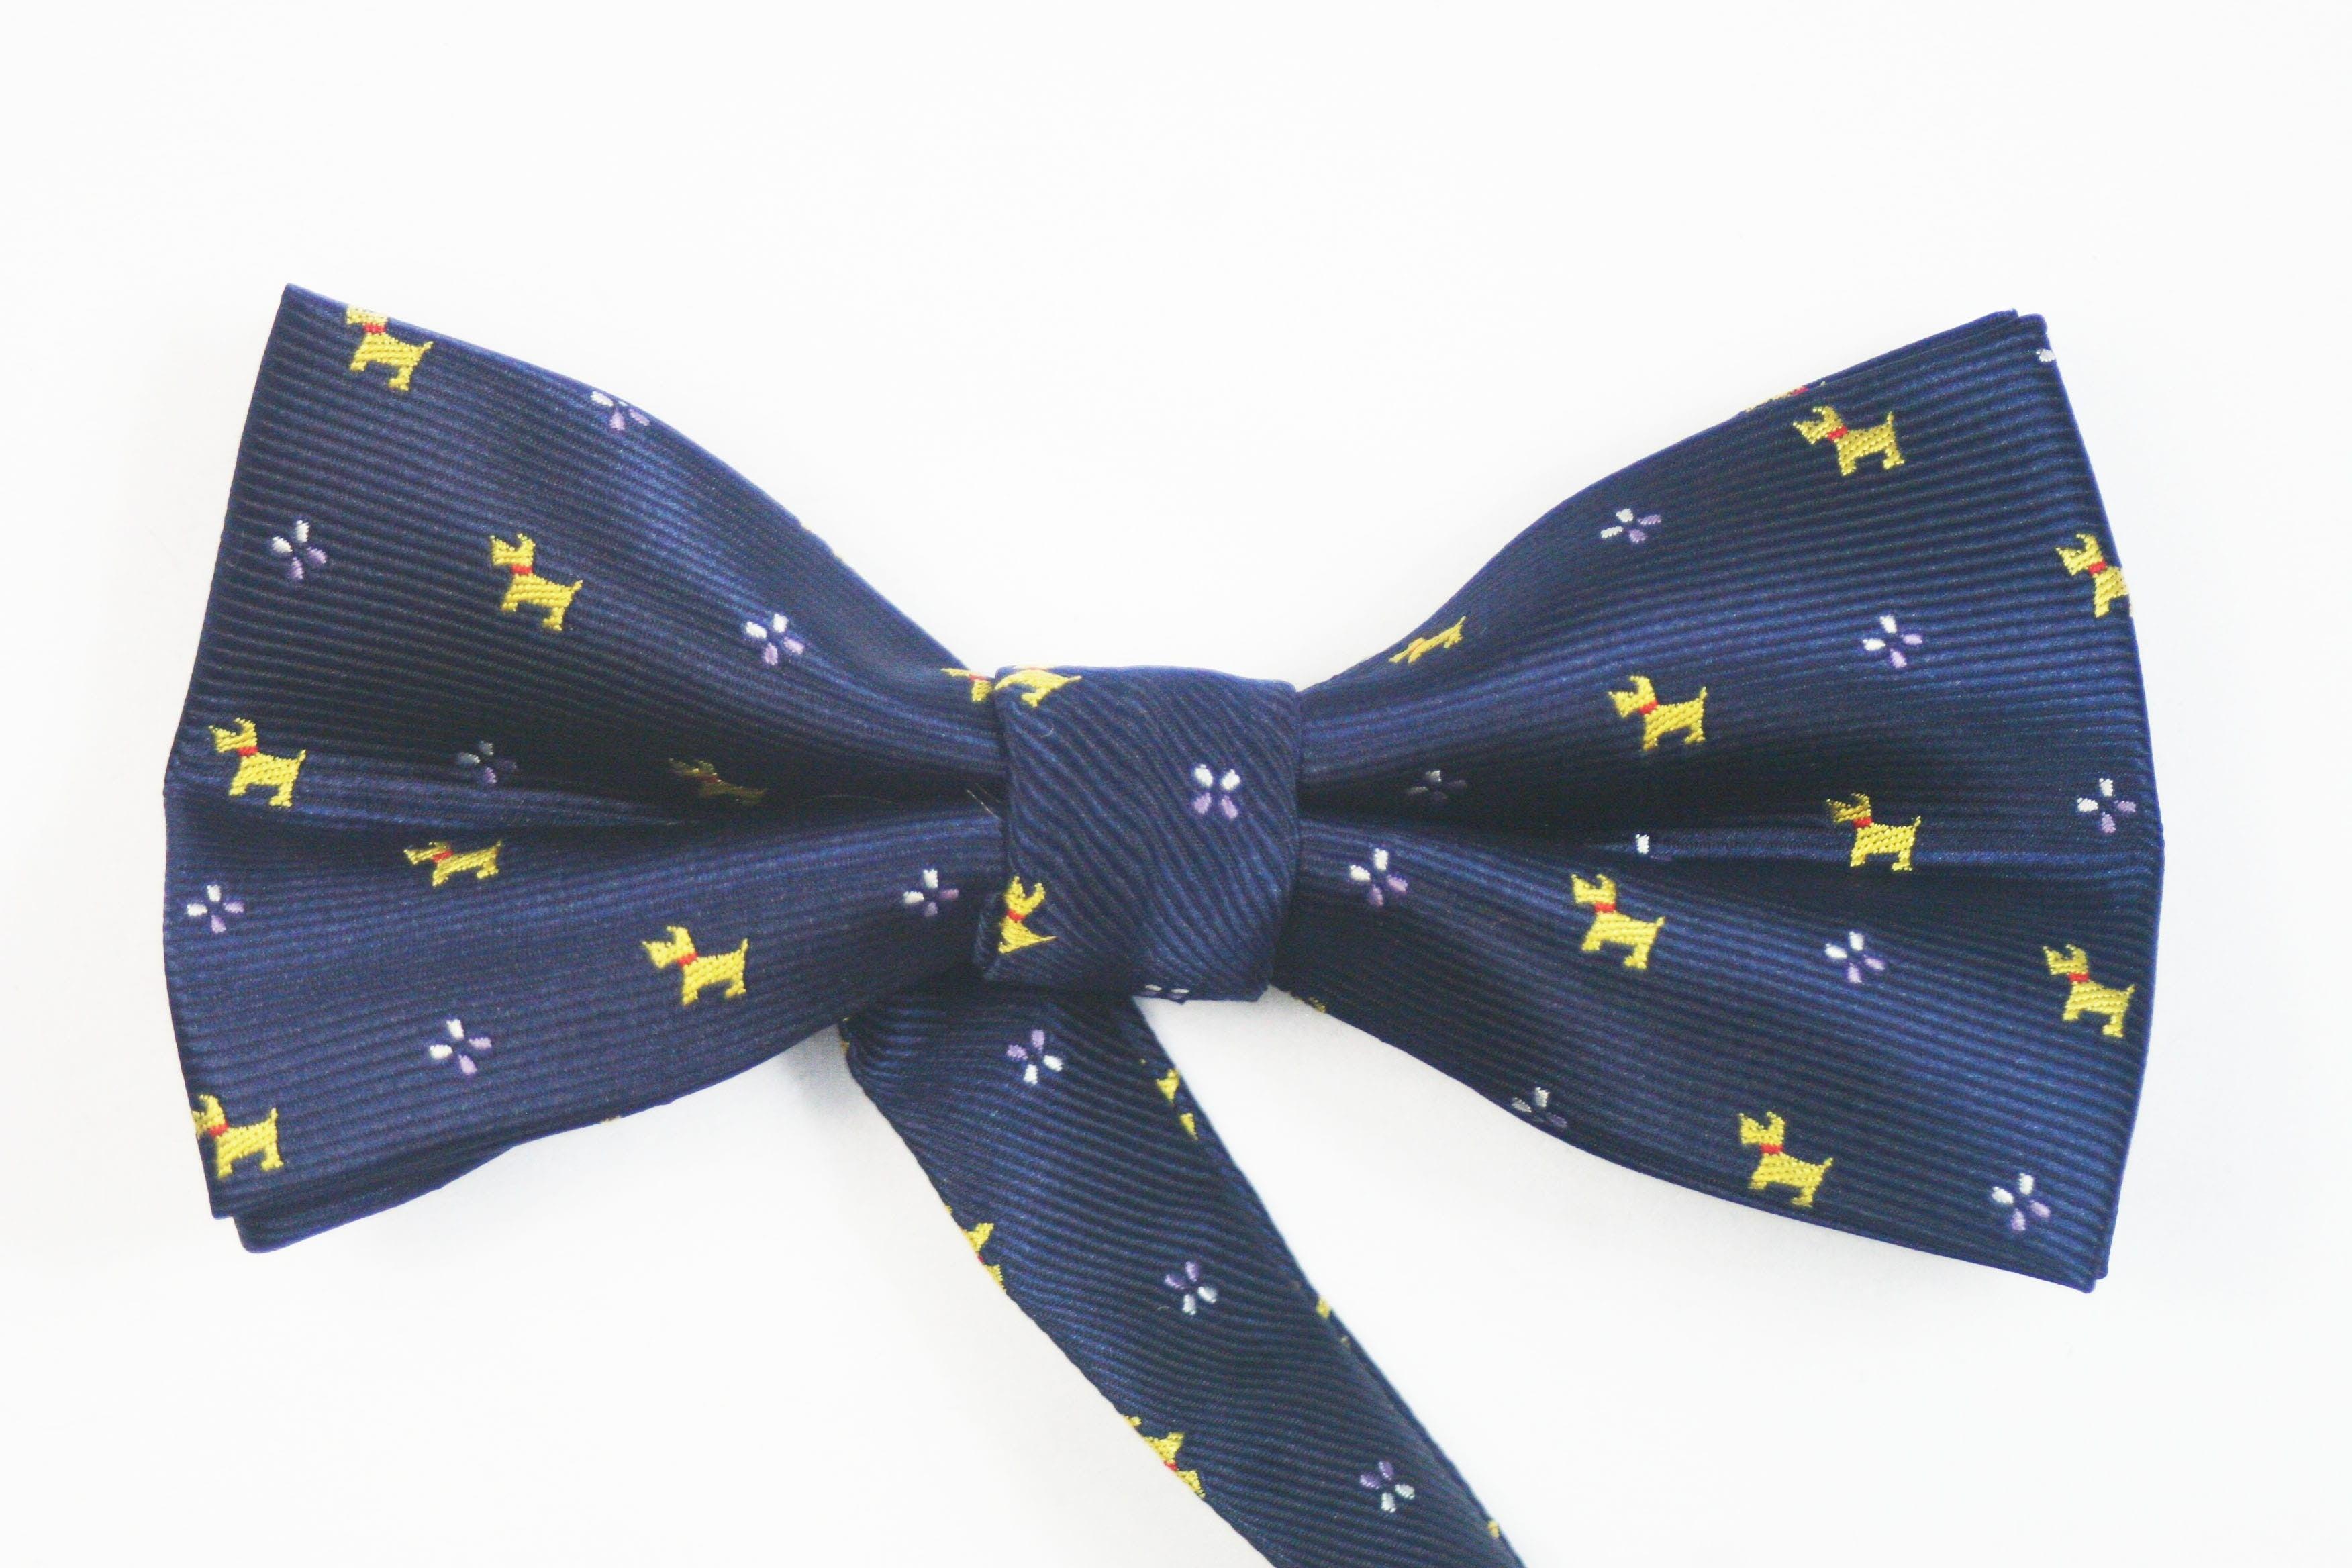 pajarita  azul perritos https://www.corbatasygemelos.es/pajaritas-hombre/788-pajaritas-azul-marino-perritos.html